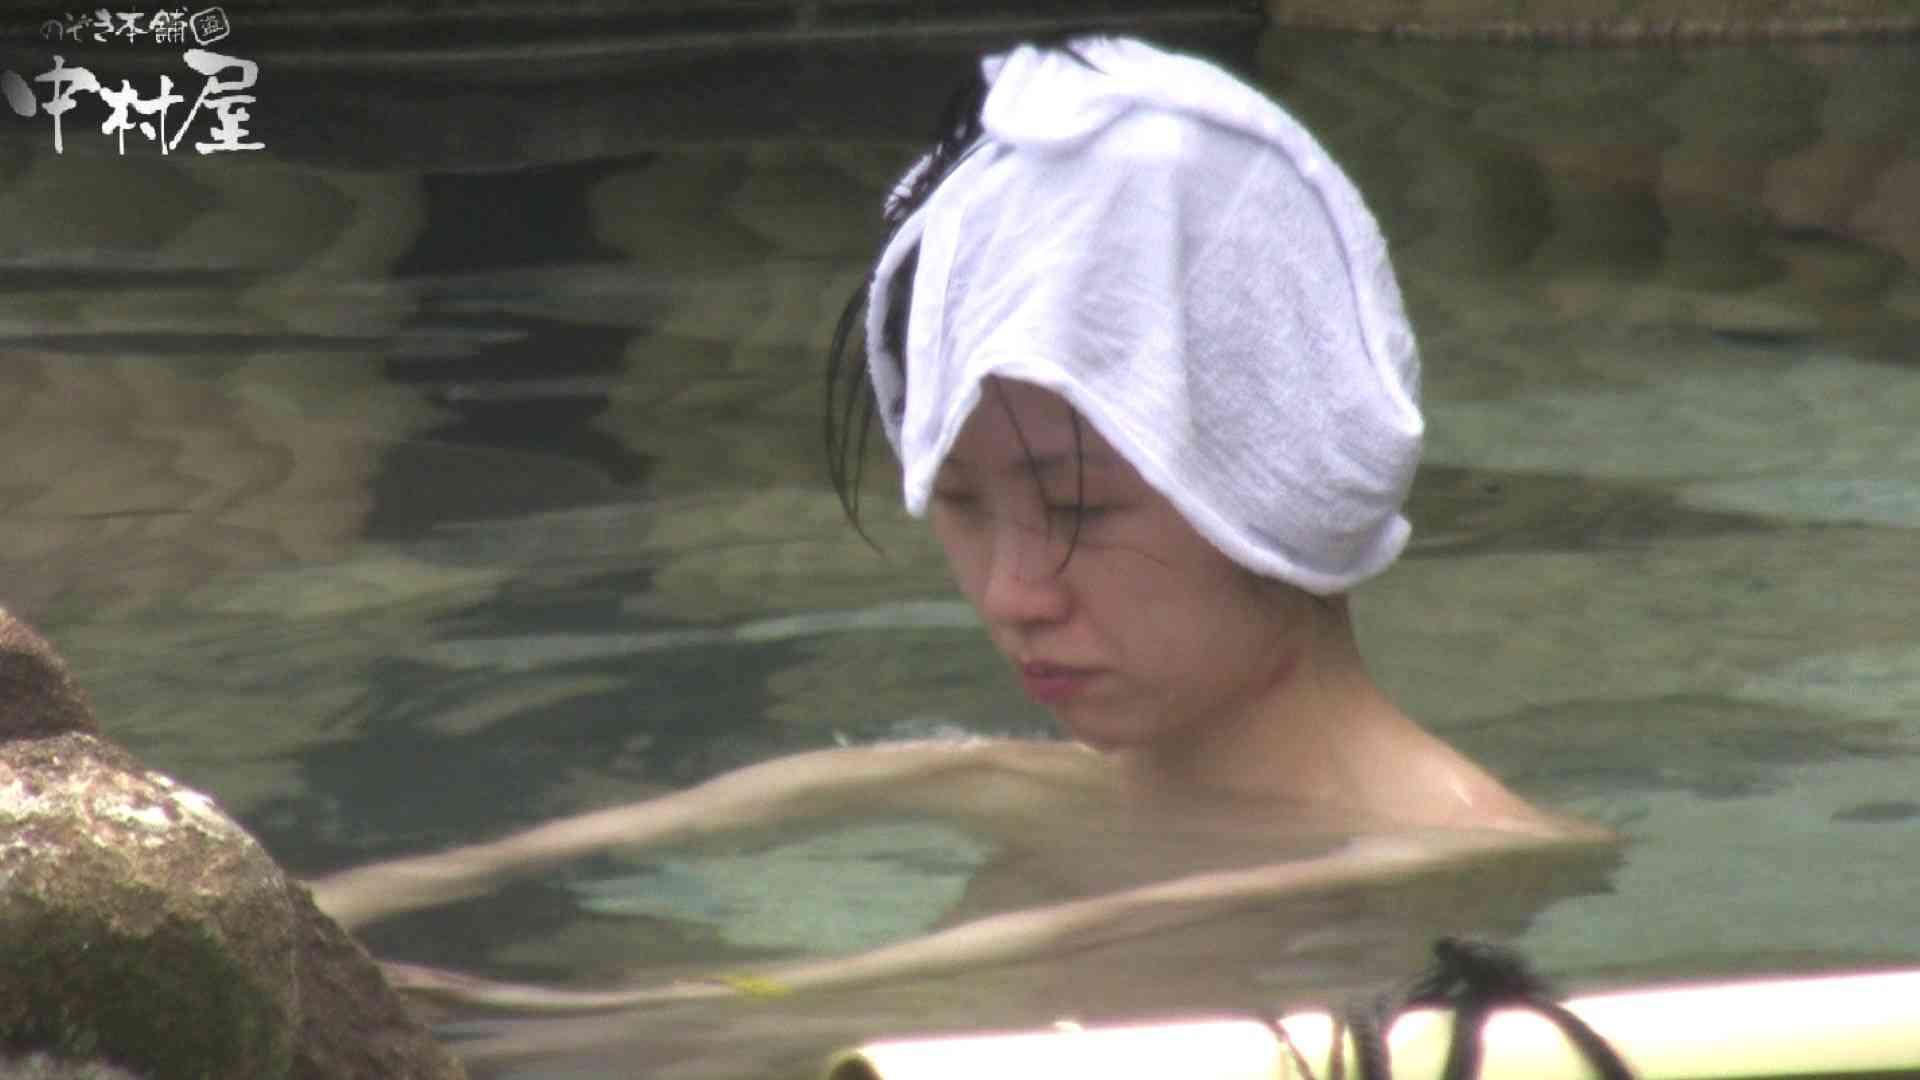 Aquaな露天風呂Vol.909 露天風呂 | 盗撮動画  11枚 5